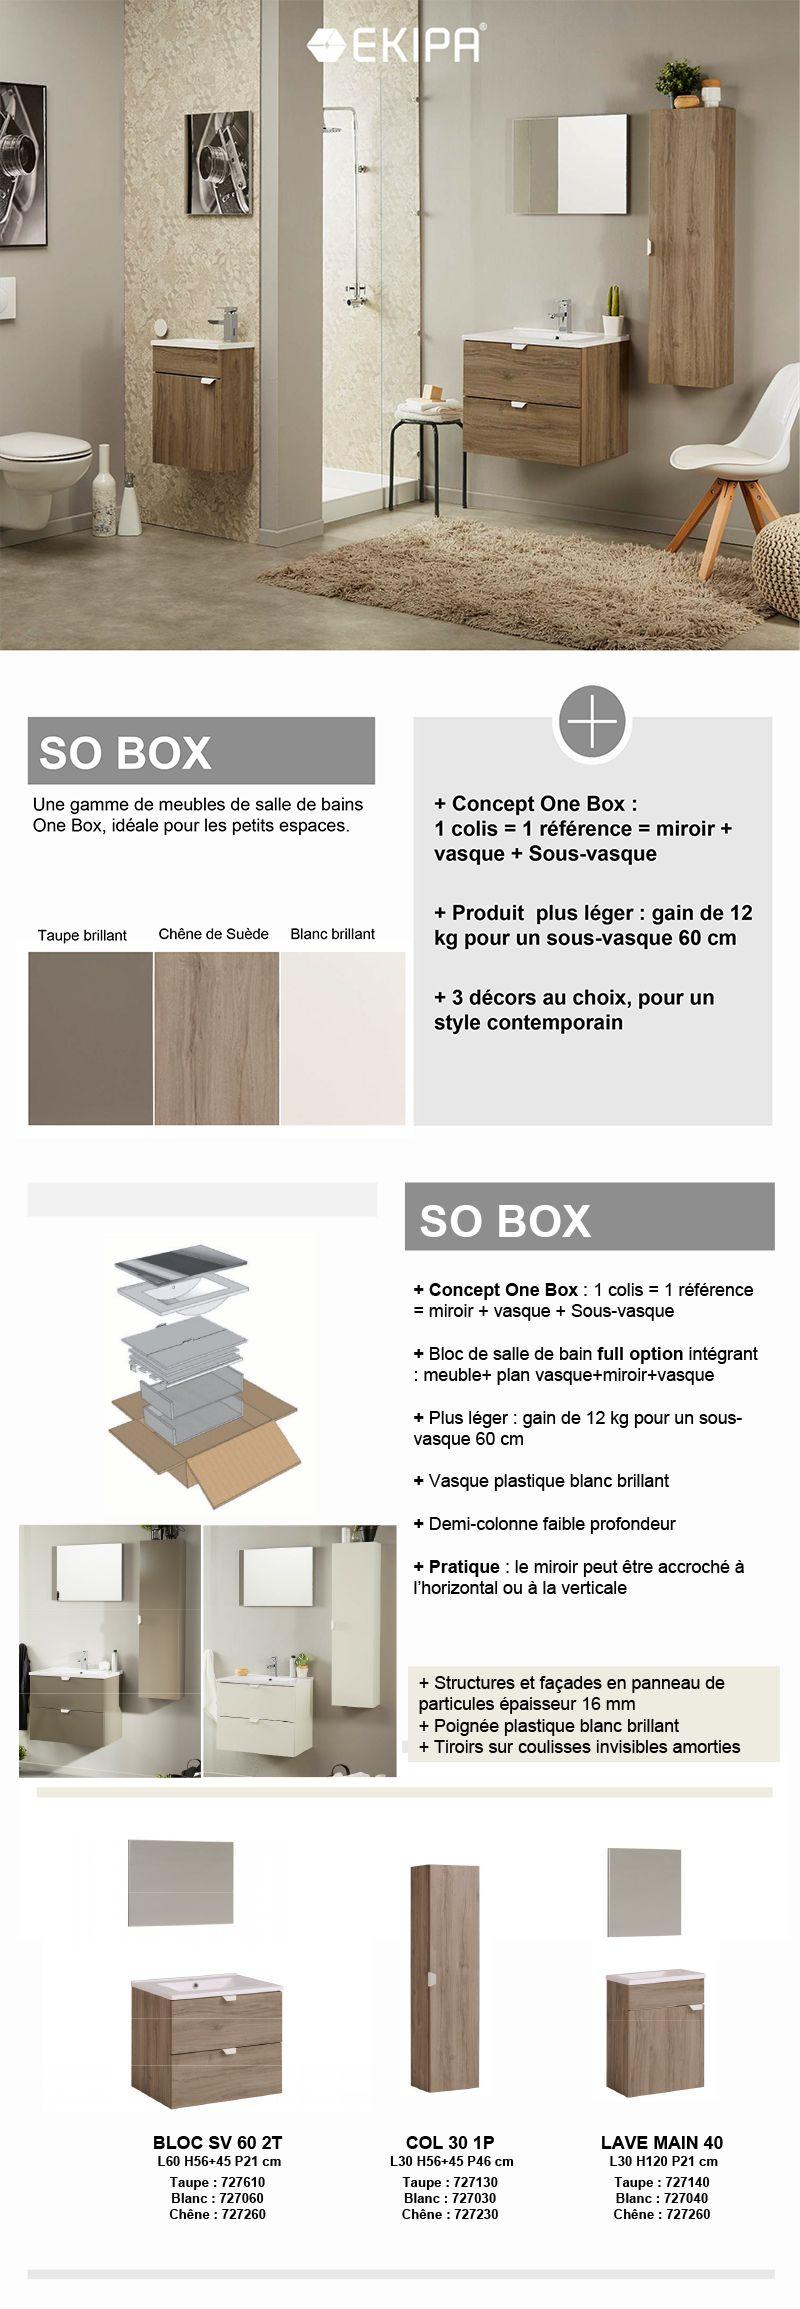 Sigma colonne de salle de bain l 30 cm blanc brillant for Colonne salle de bain 30 cm largeur